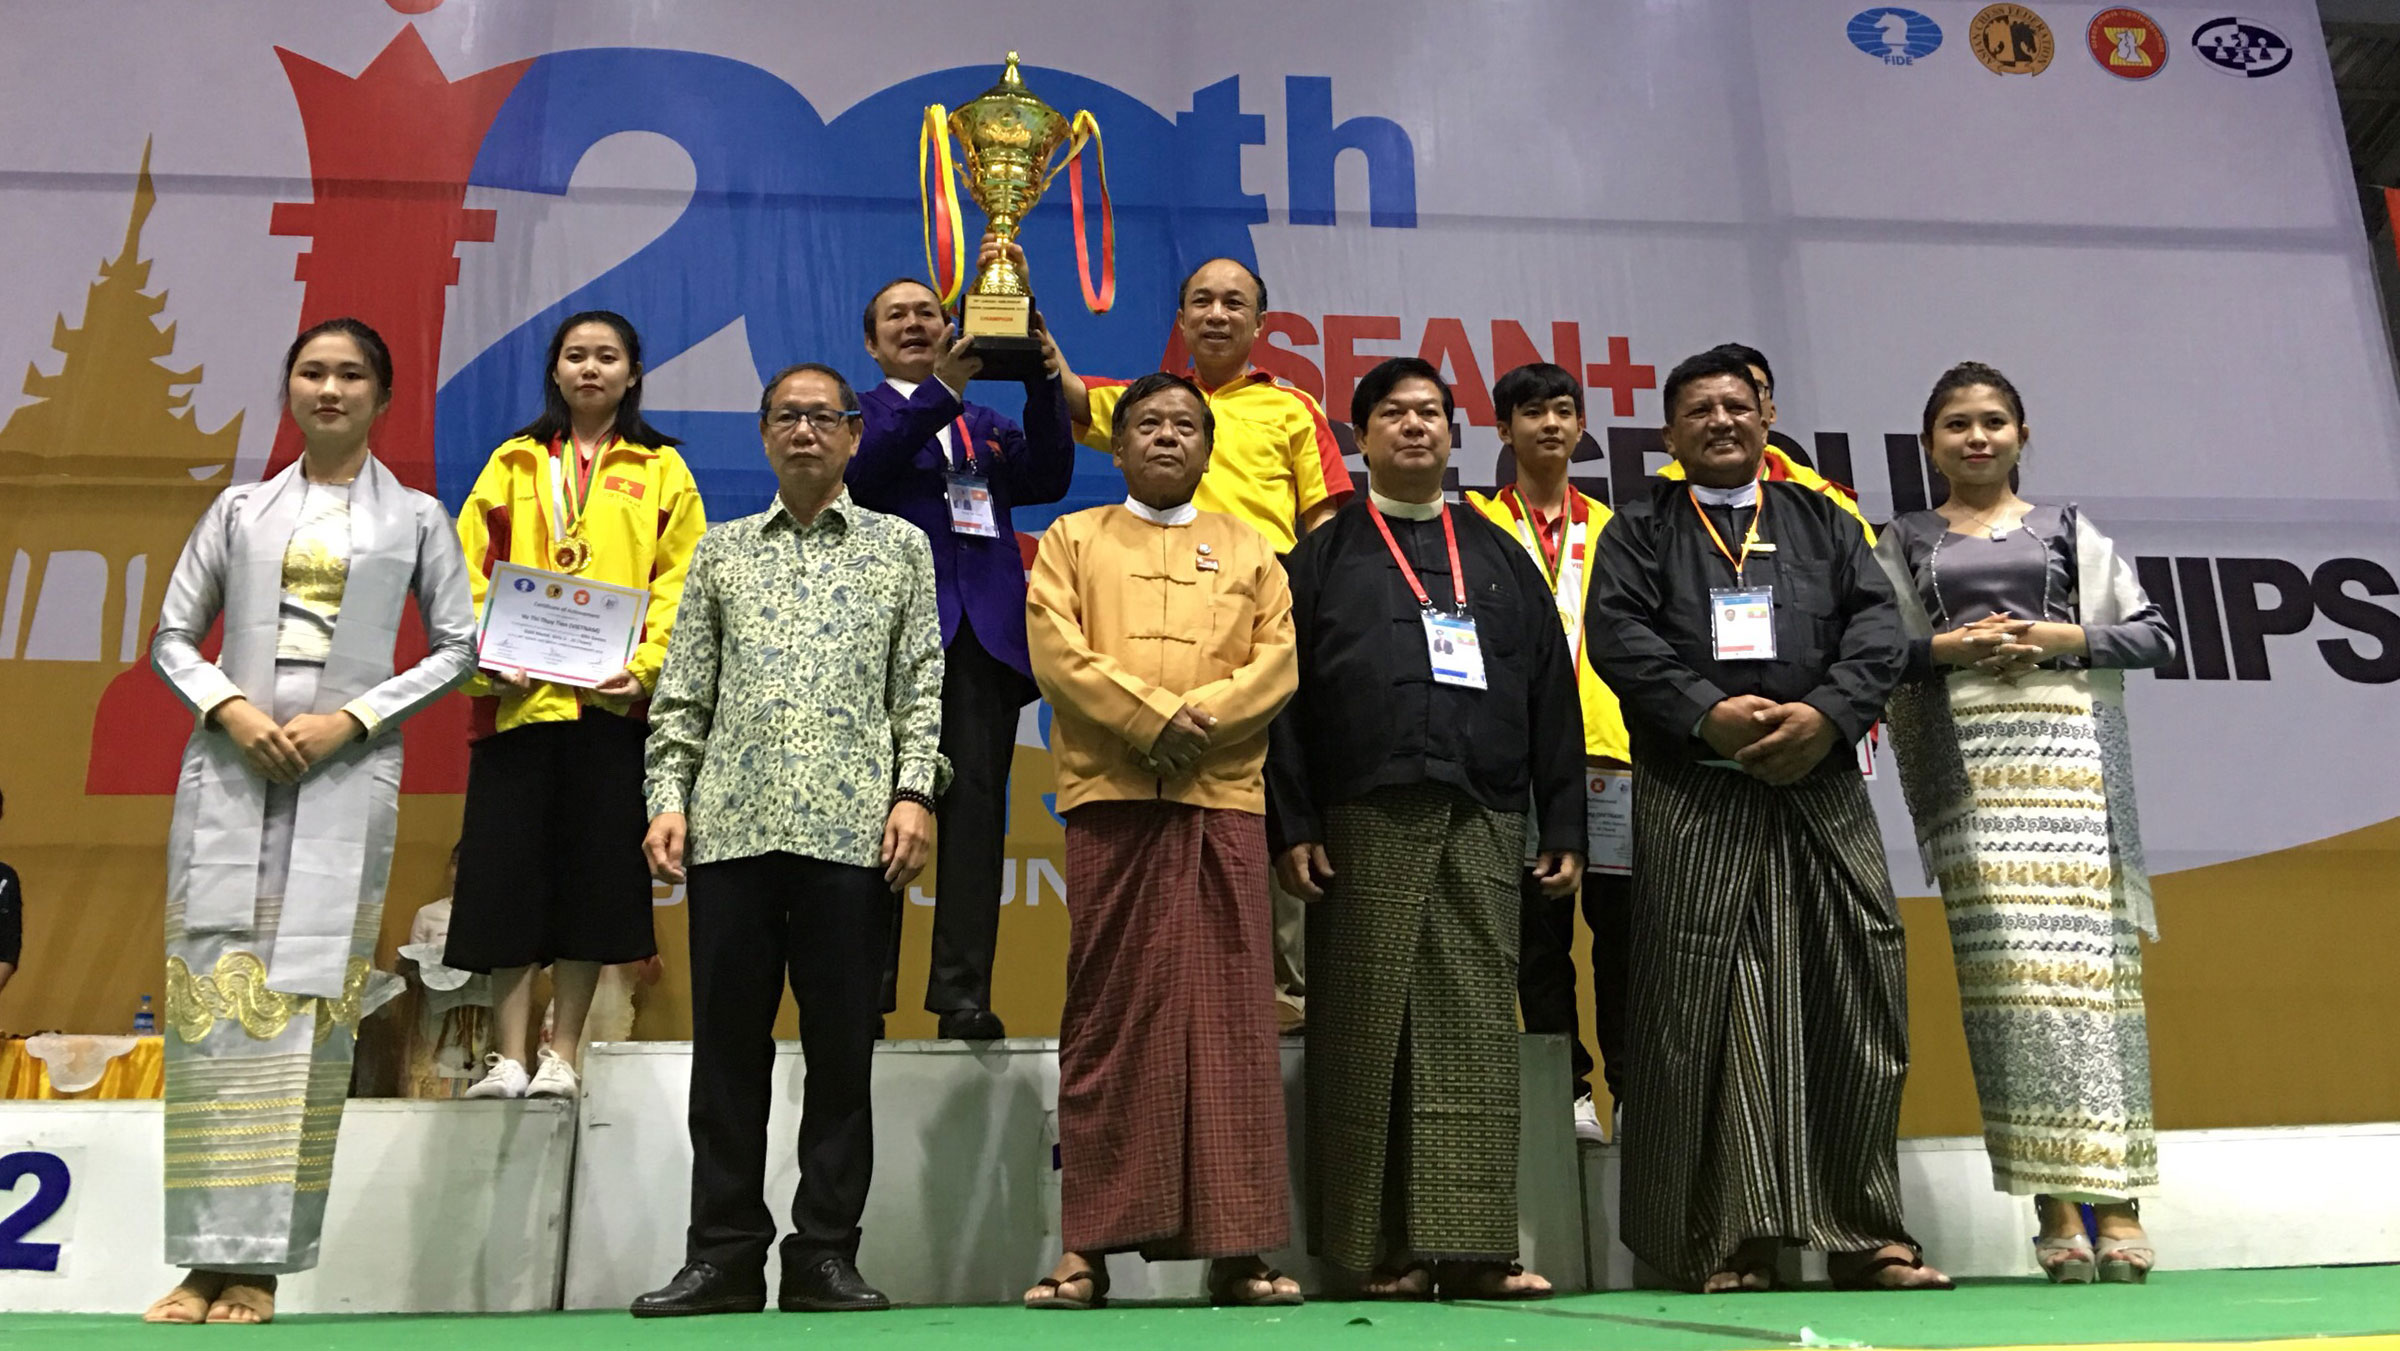 Thể thao Bắc Giang, cờ vua, giải vô địch cờ vua các nhóm tuổi Đông Nam Á , Bắc giang